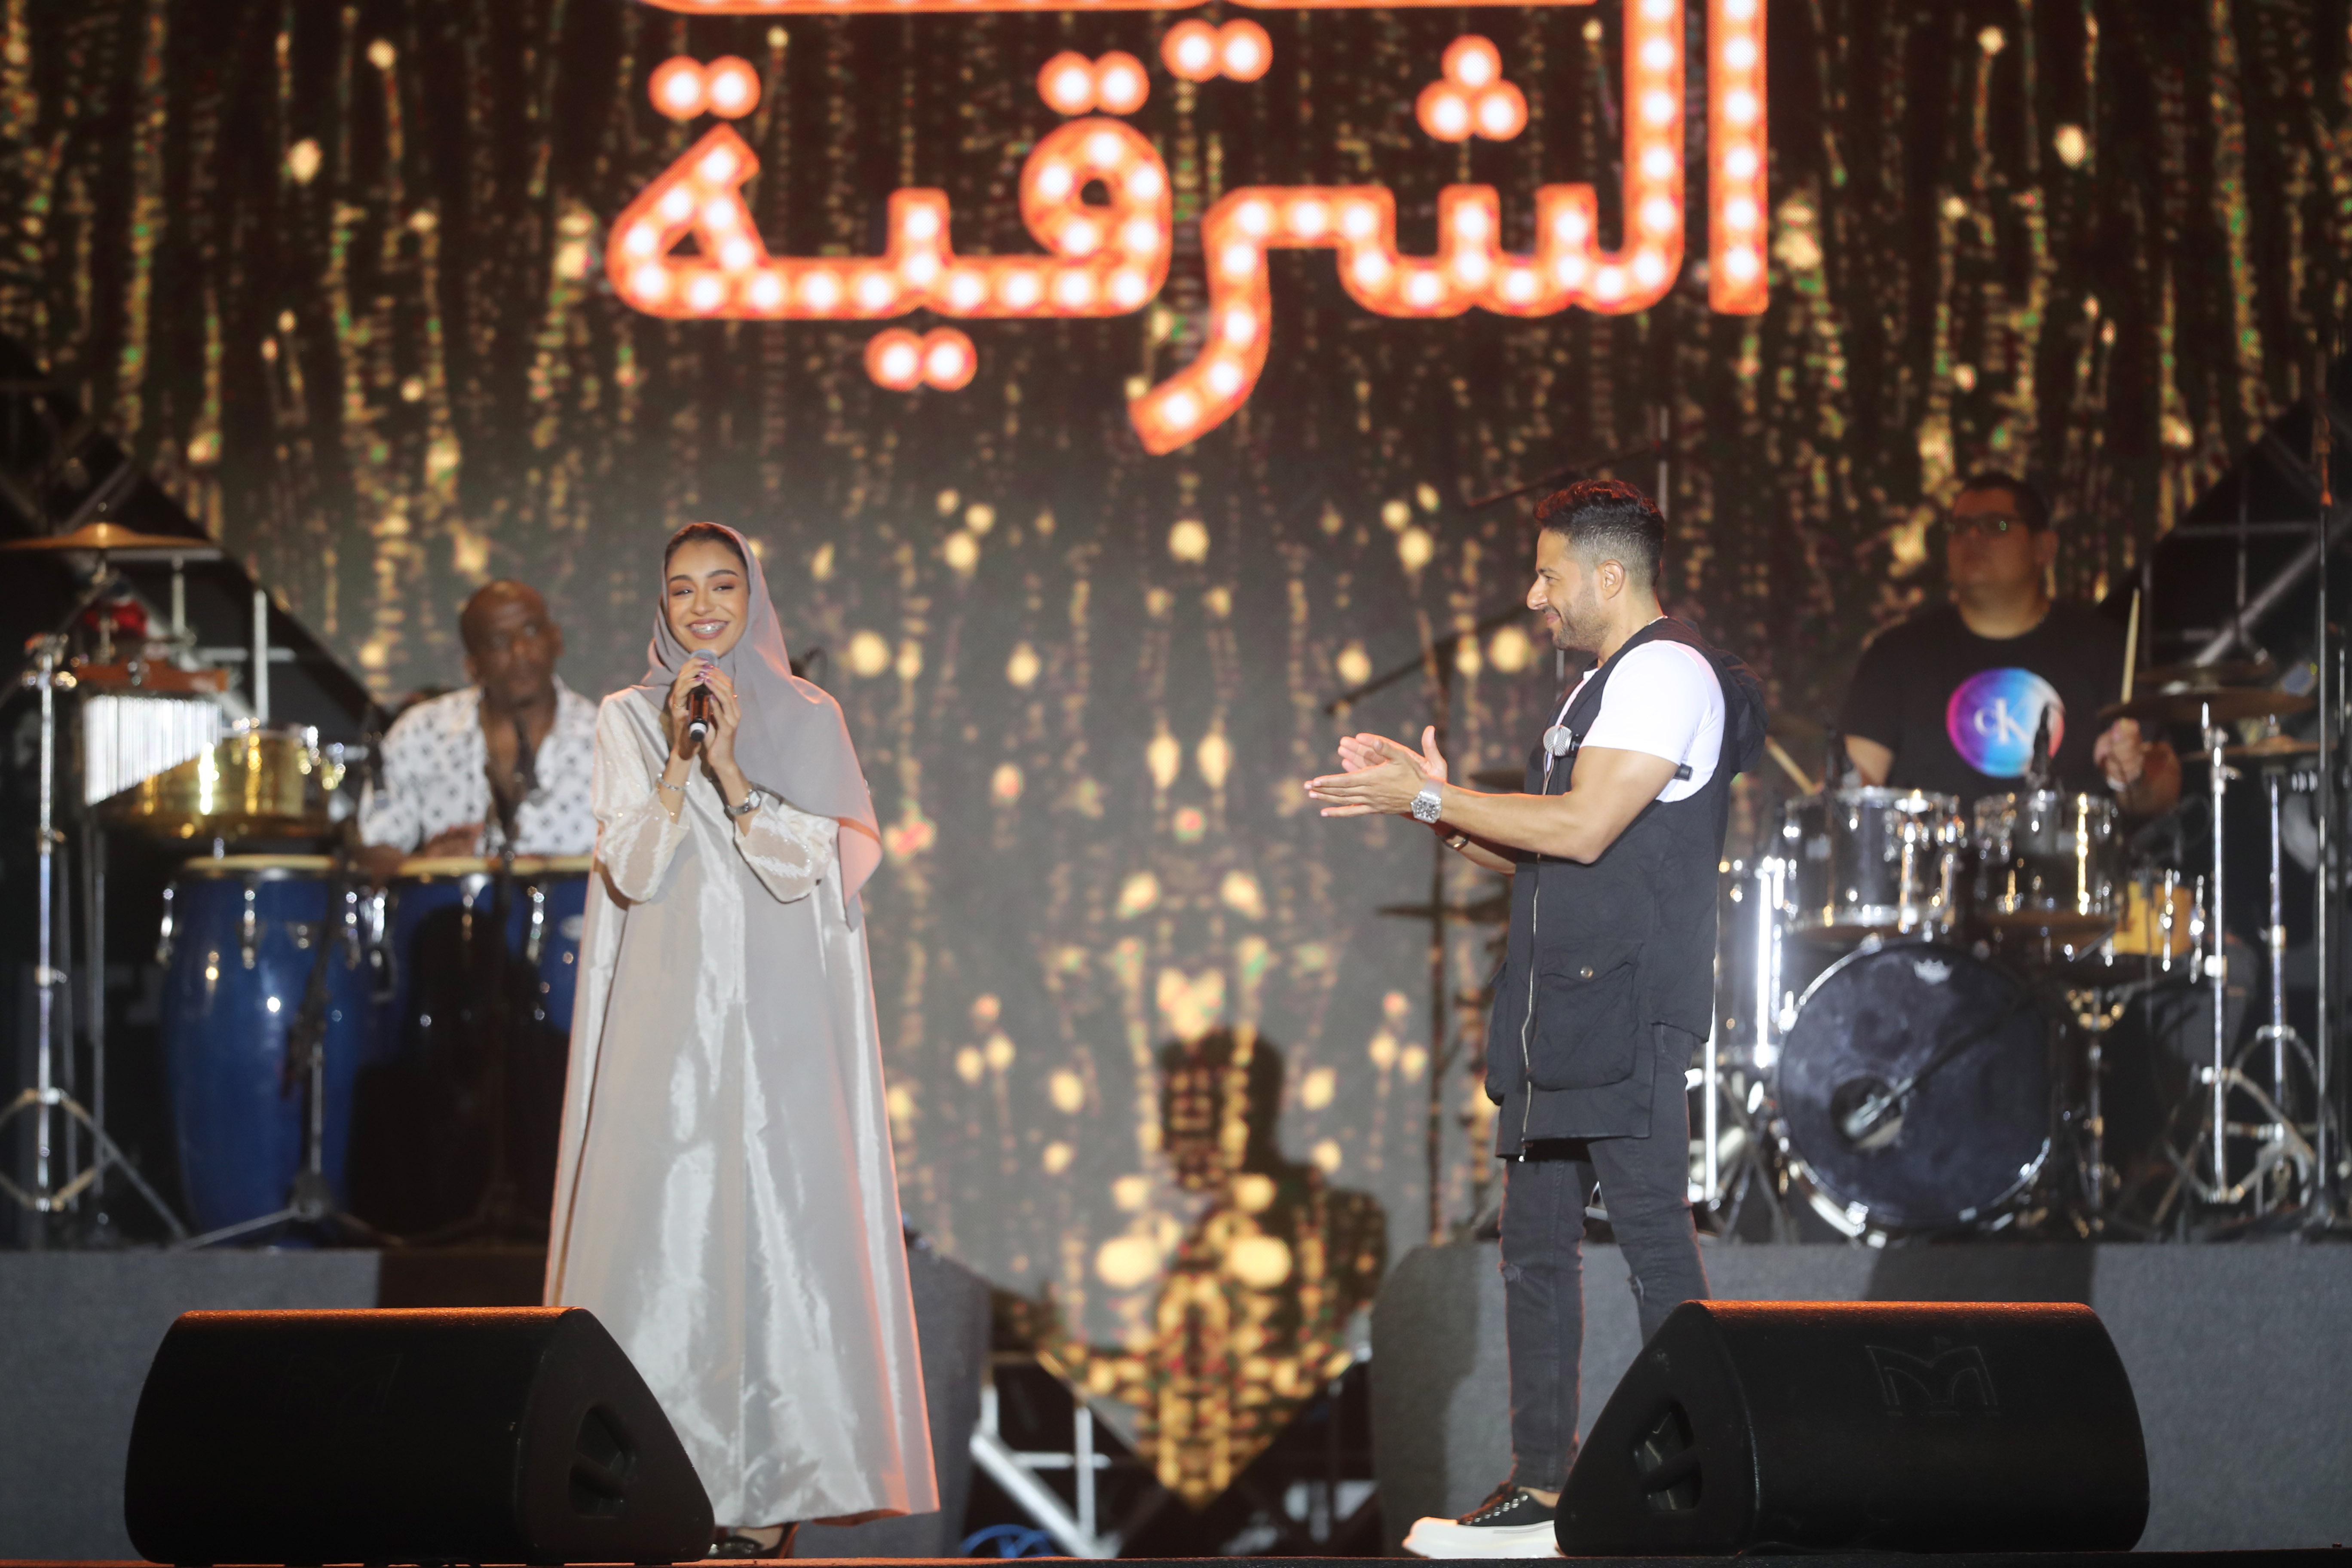 محمد حماقي وزينة عماد من الحفل - تصوير عيسى الدبيسي